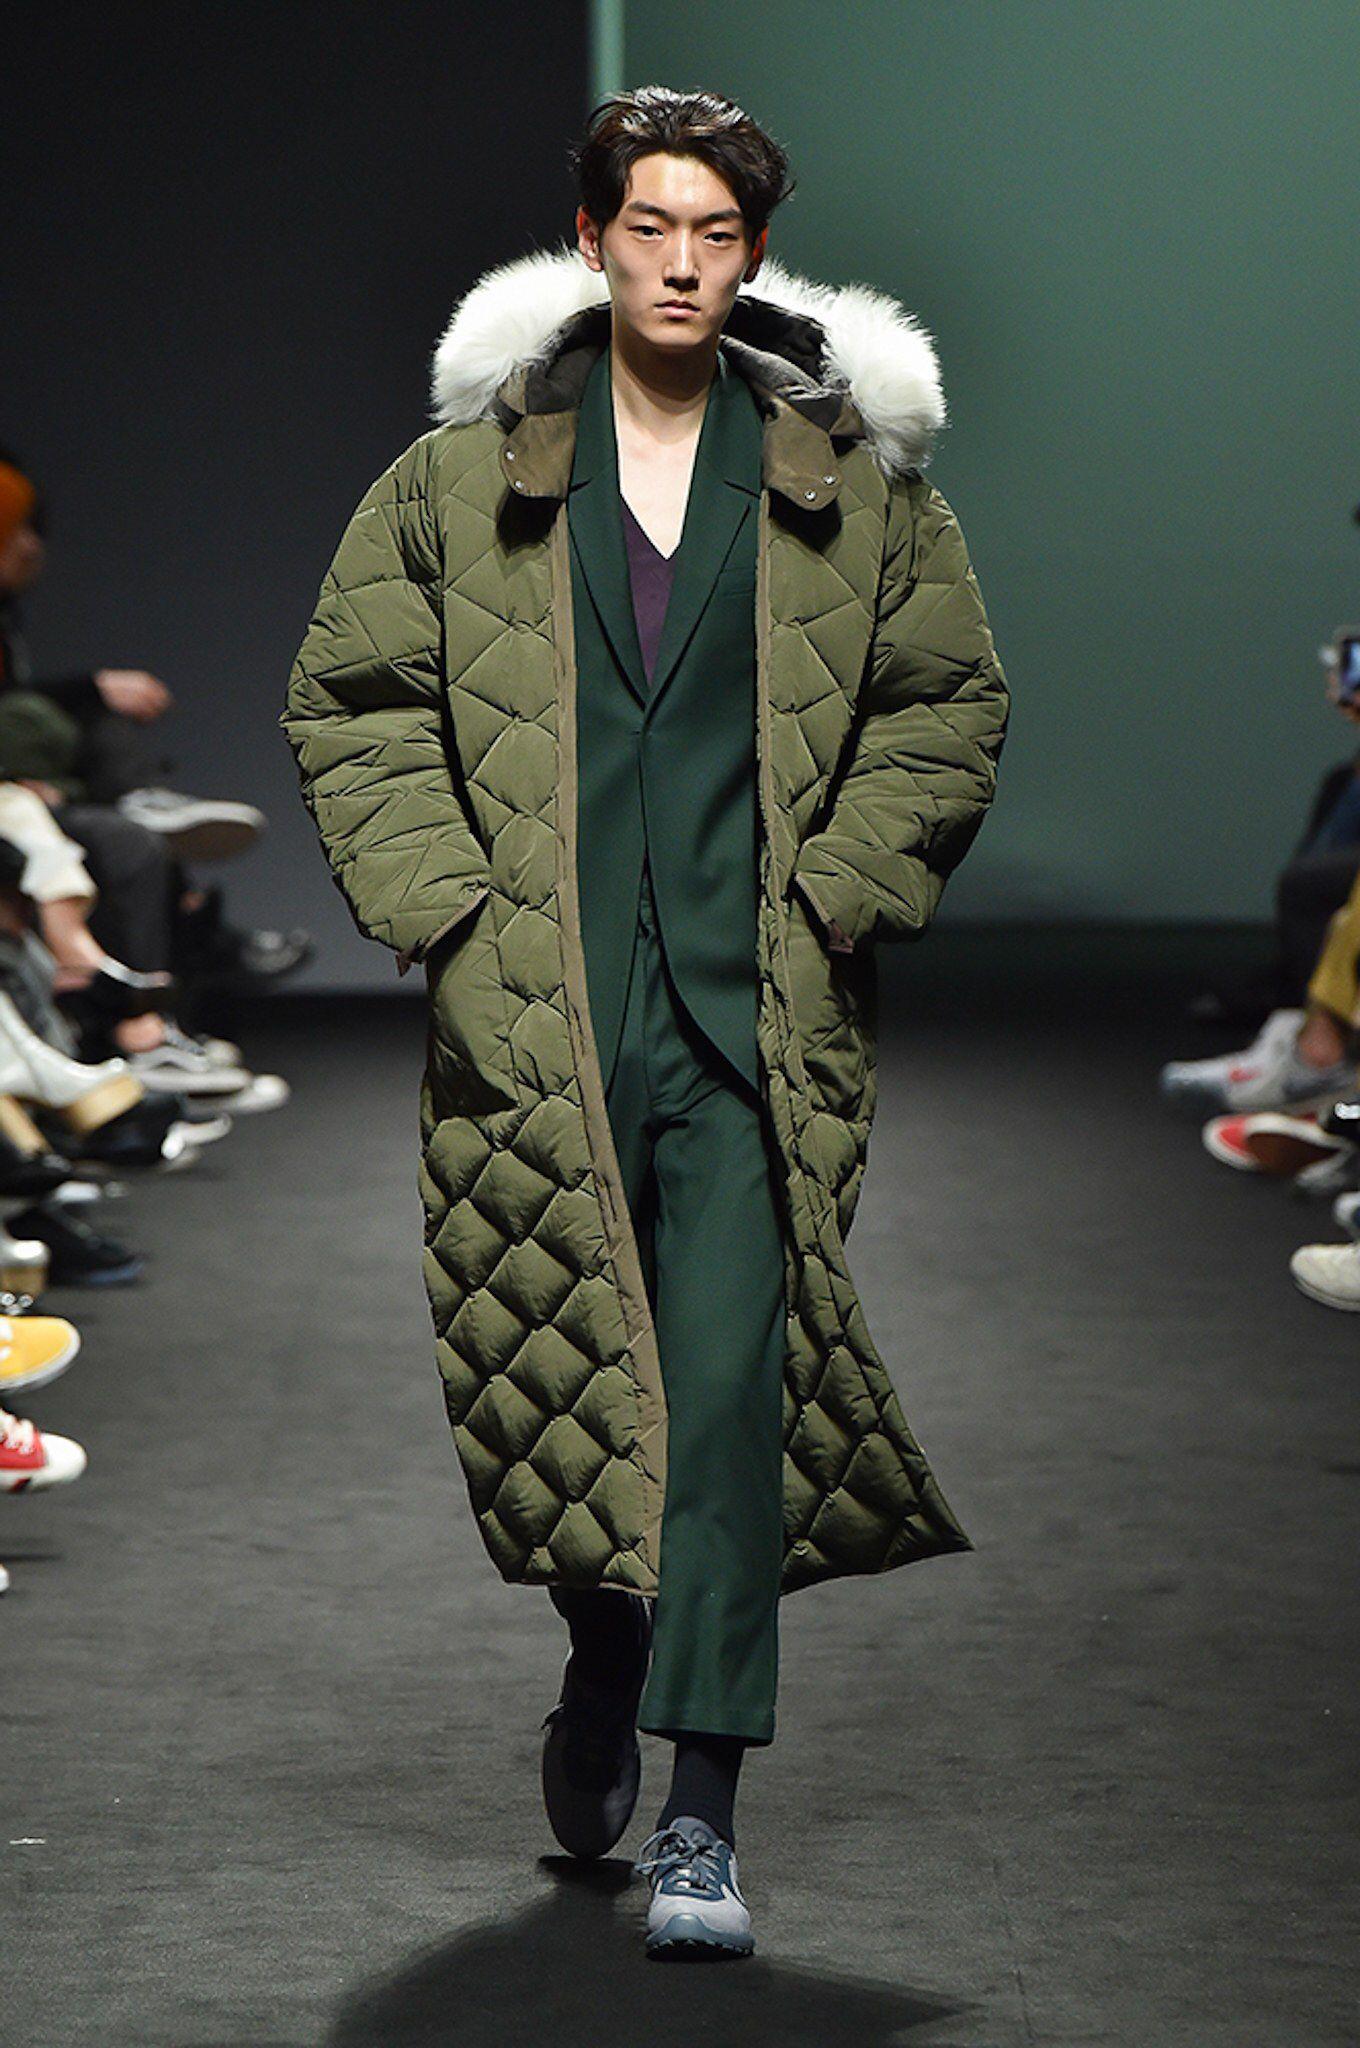 5MM Seoul Fall 5 Fashion Show  Mens winter fashion, Fall